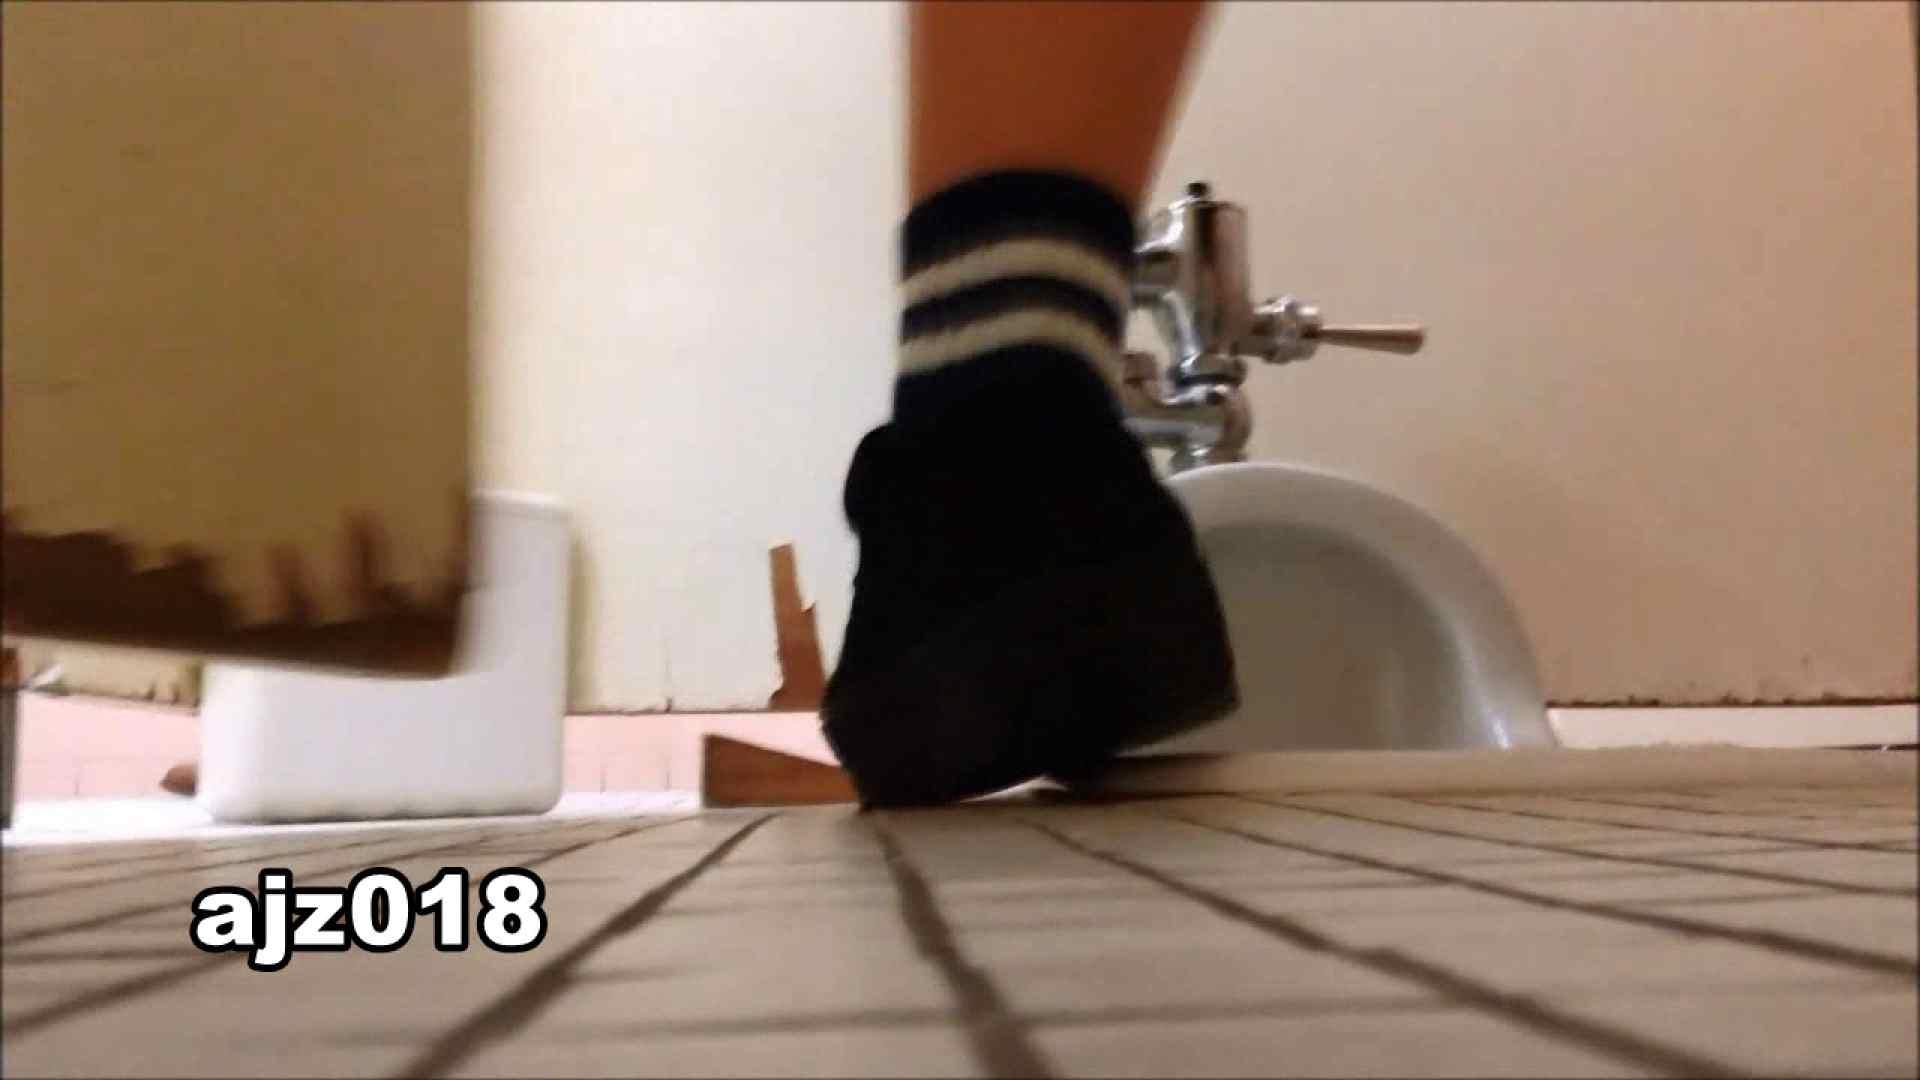 某有名大学女性洗面所 vol.18 OL女体 | 和式  79連発 49